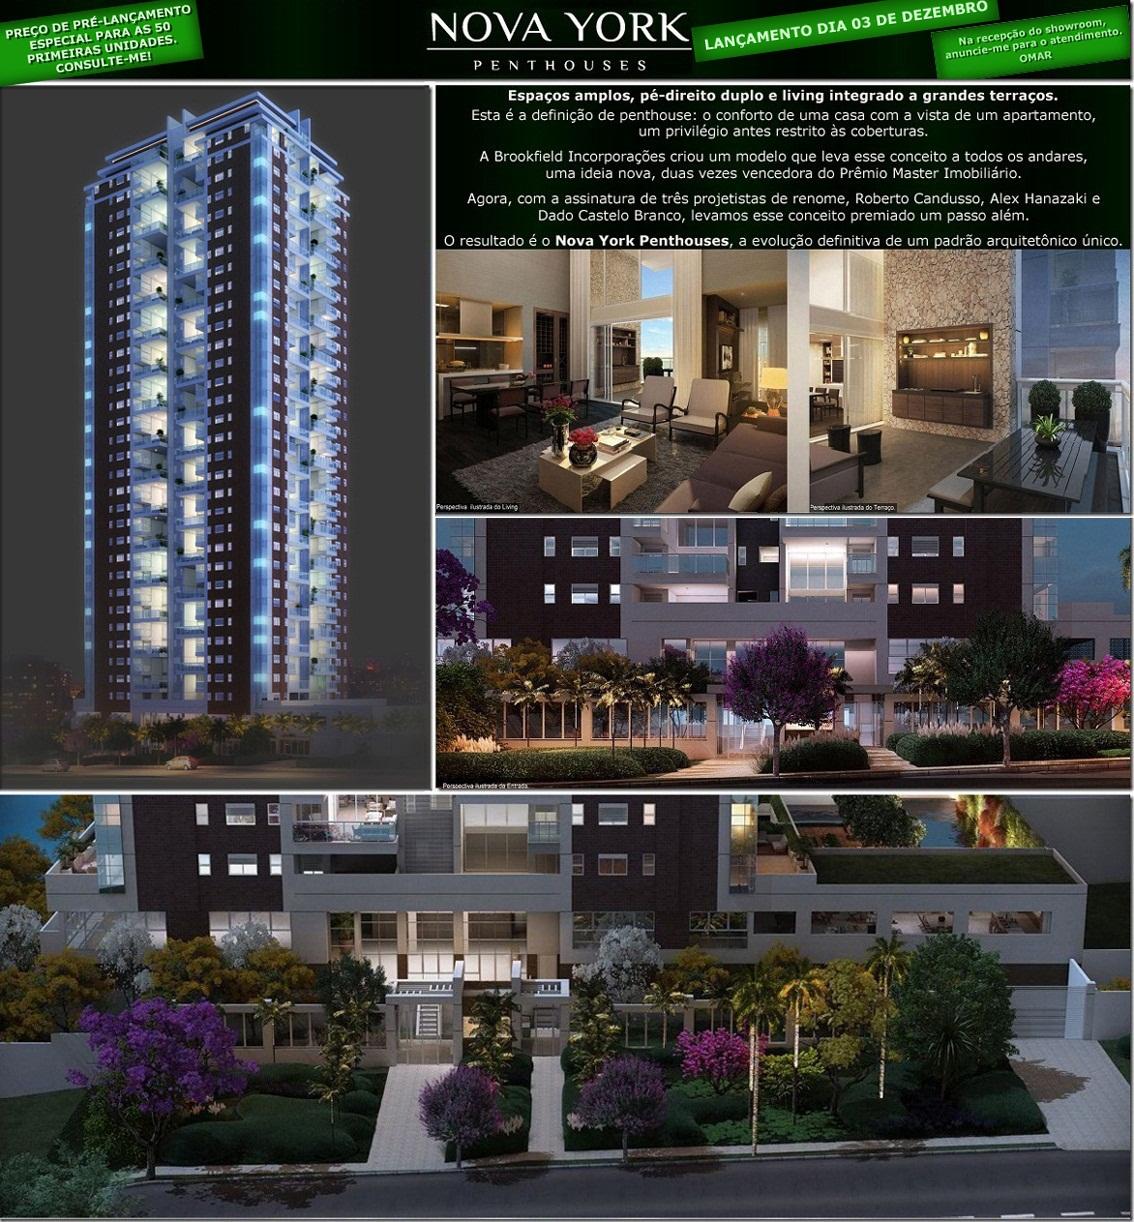 NOVA YORK PENTHOUSES - 4 dormitórios ou 4 suítes,162 a 197m², living e terraço com pé-direito duplo